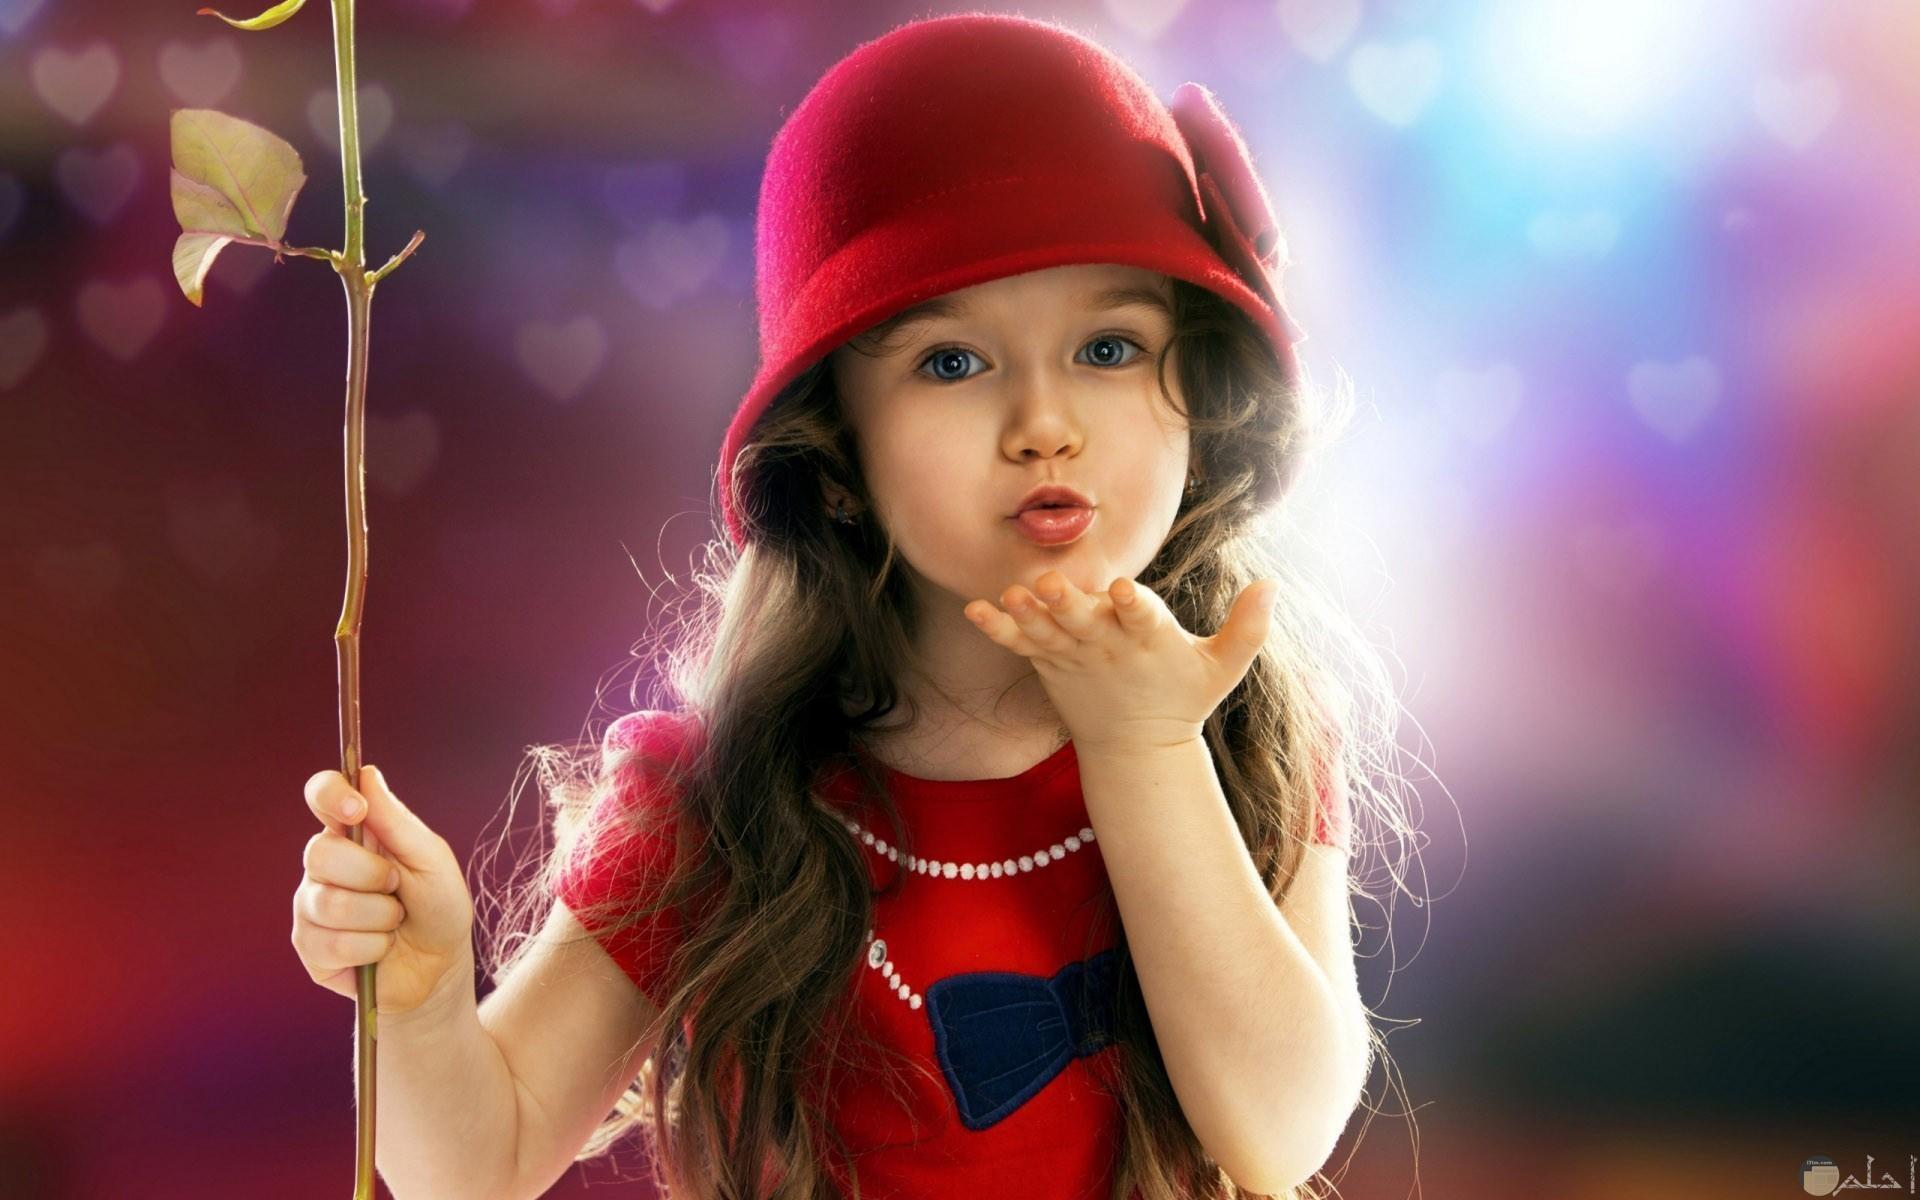 بنت جميلة بفستان و طقية حمراء تعطي قبلة.